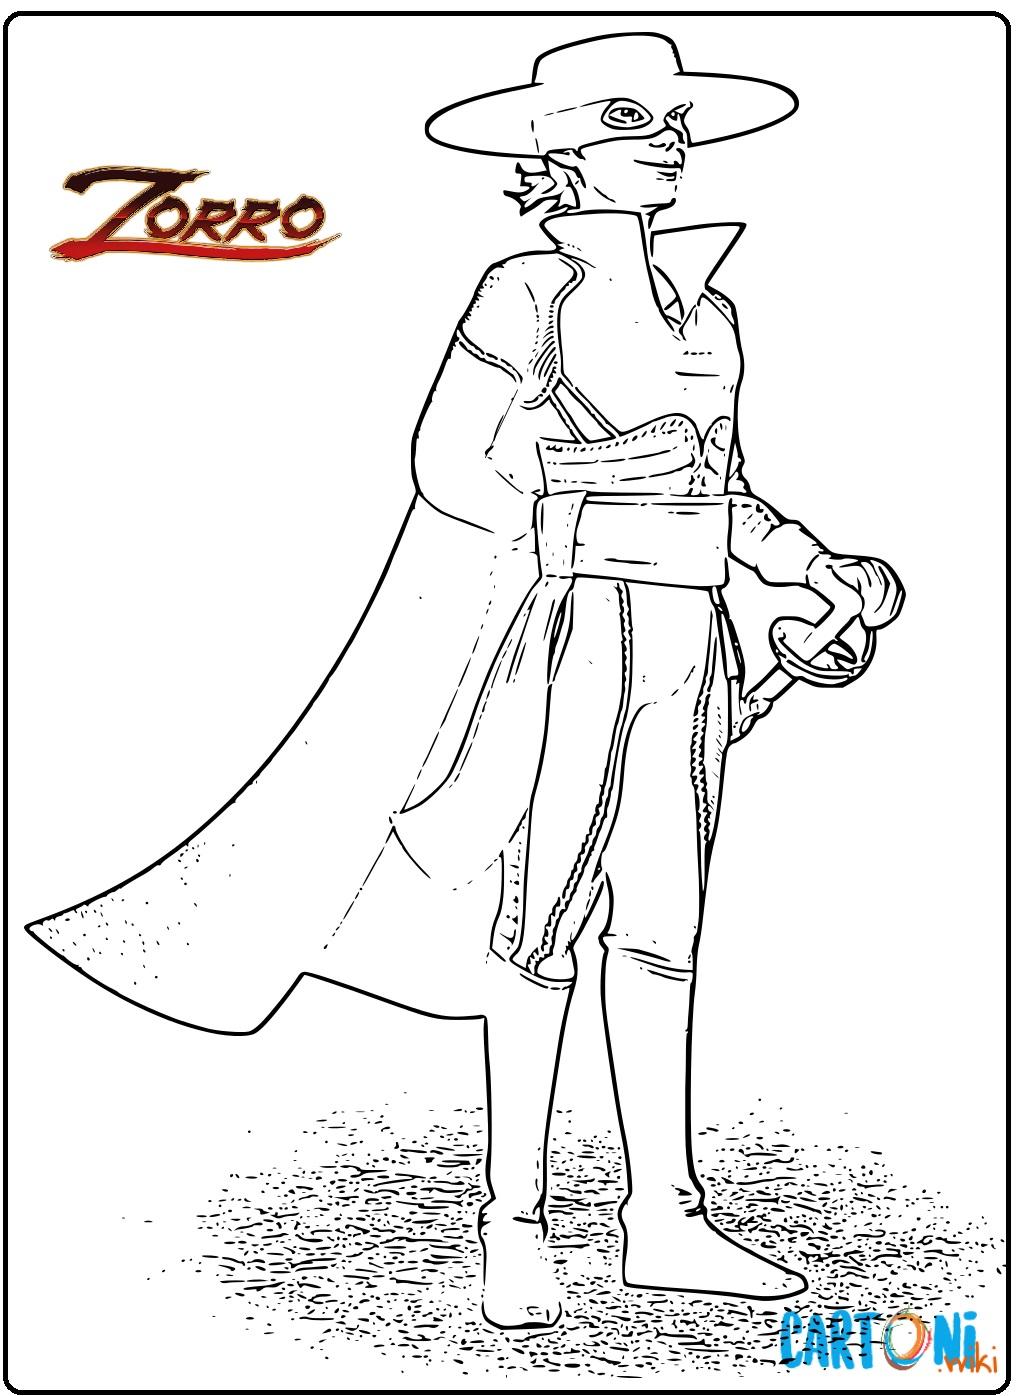 Zorro disegni da colorare - Stampa e colora